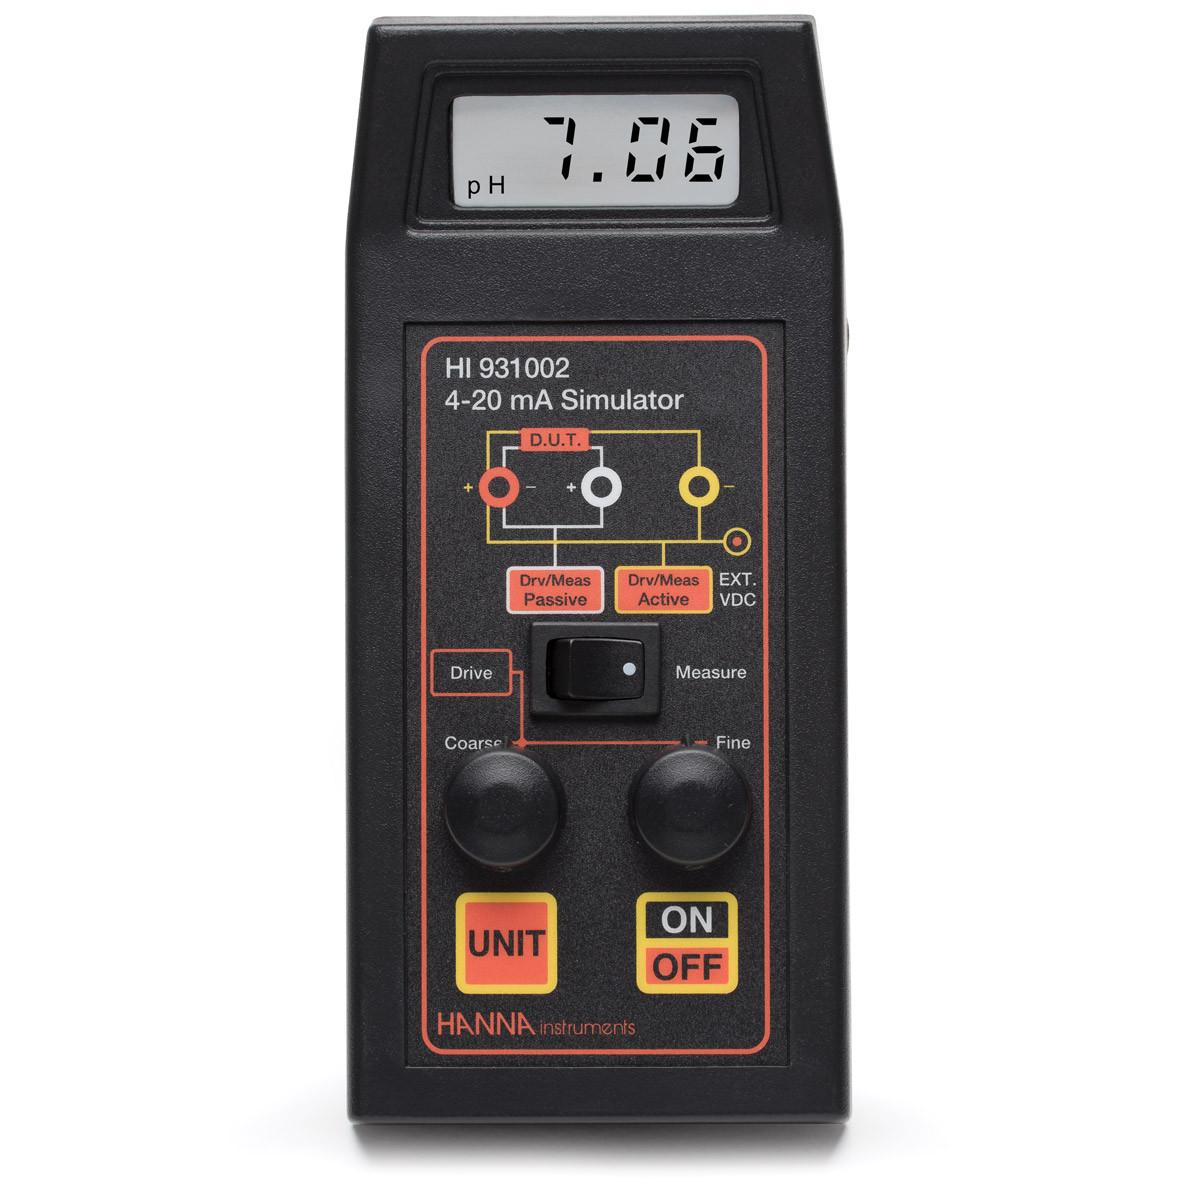 4-20 mA Amperometer Simulator and Calibrator